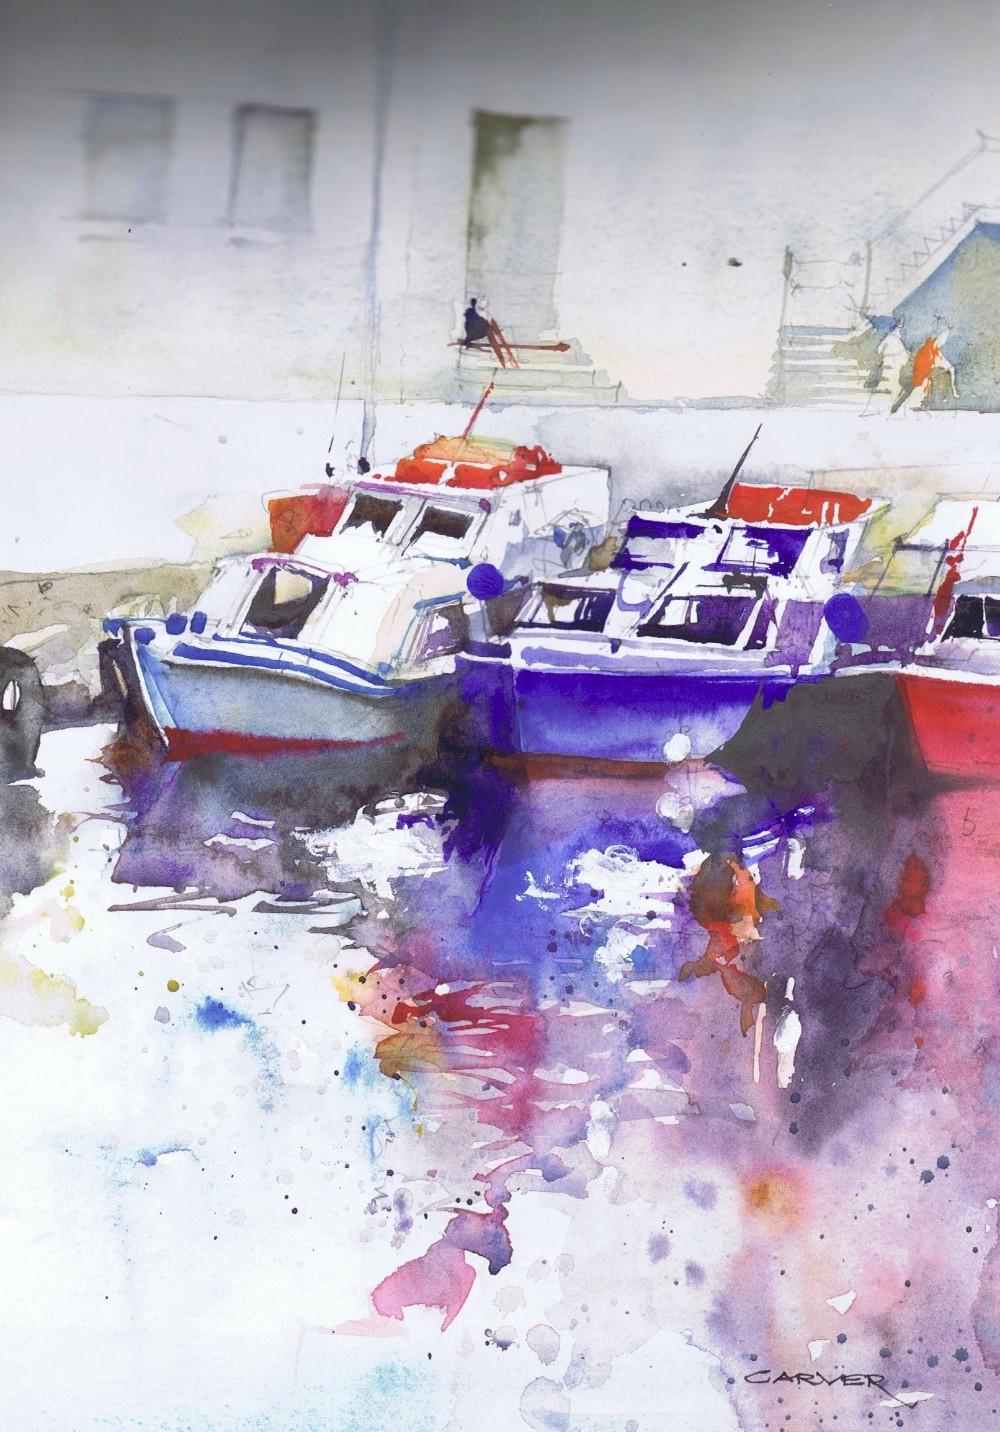 22-harbourside-kalymnos